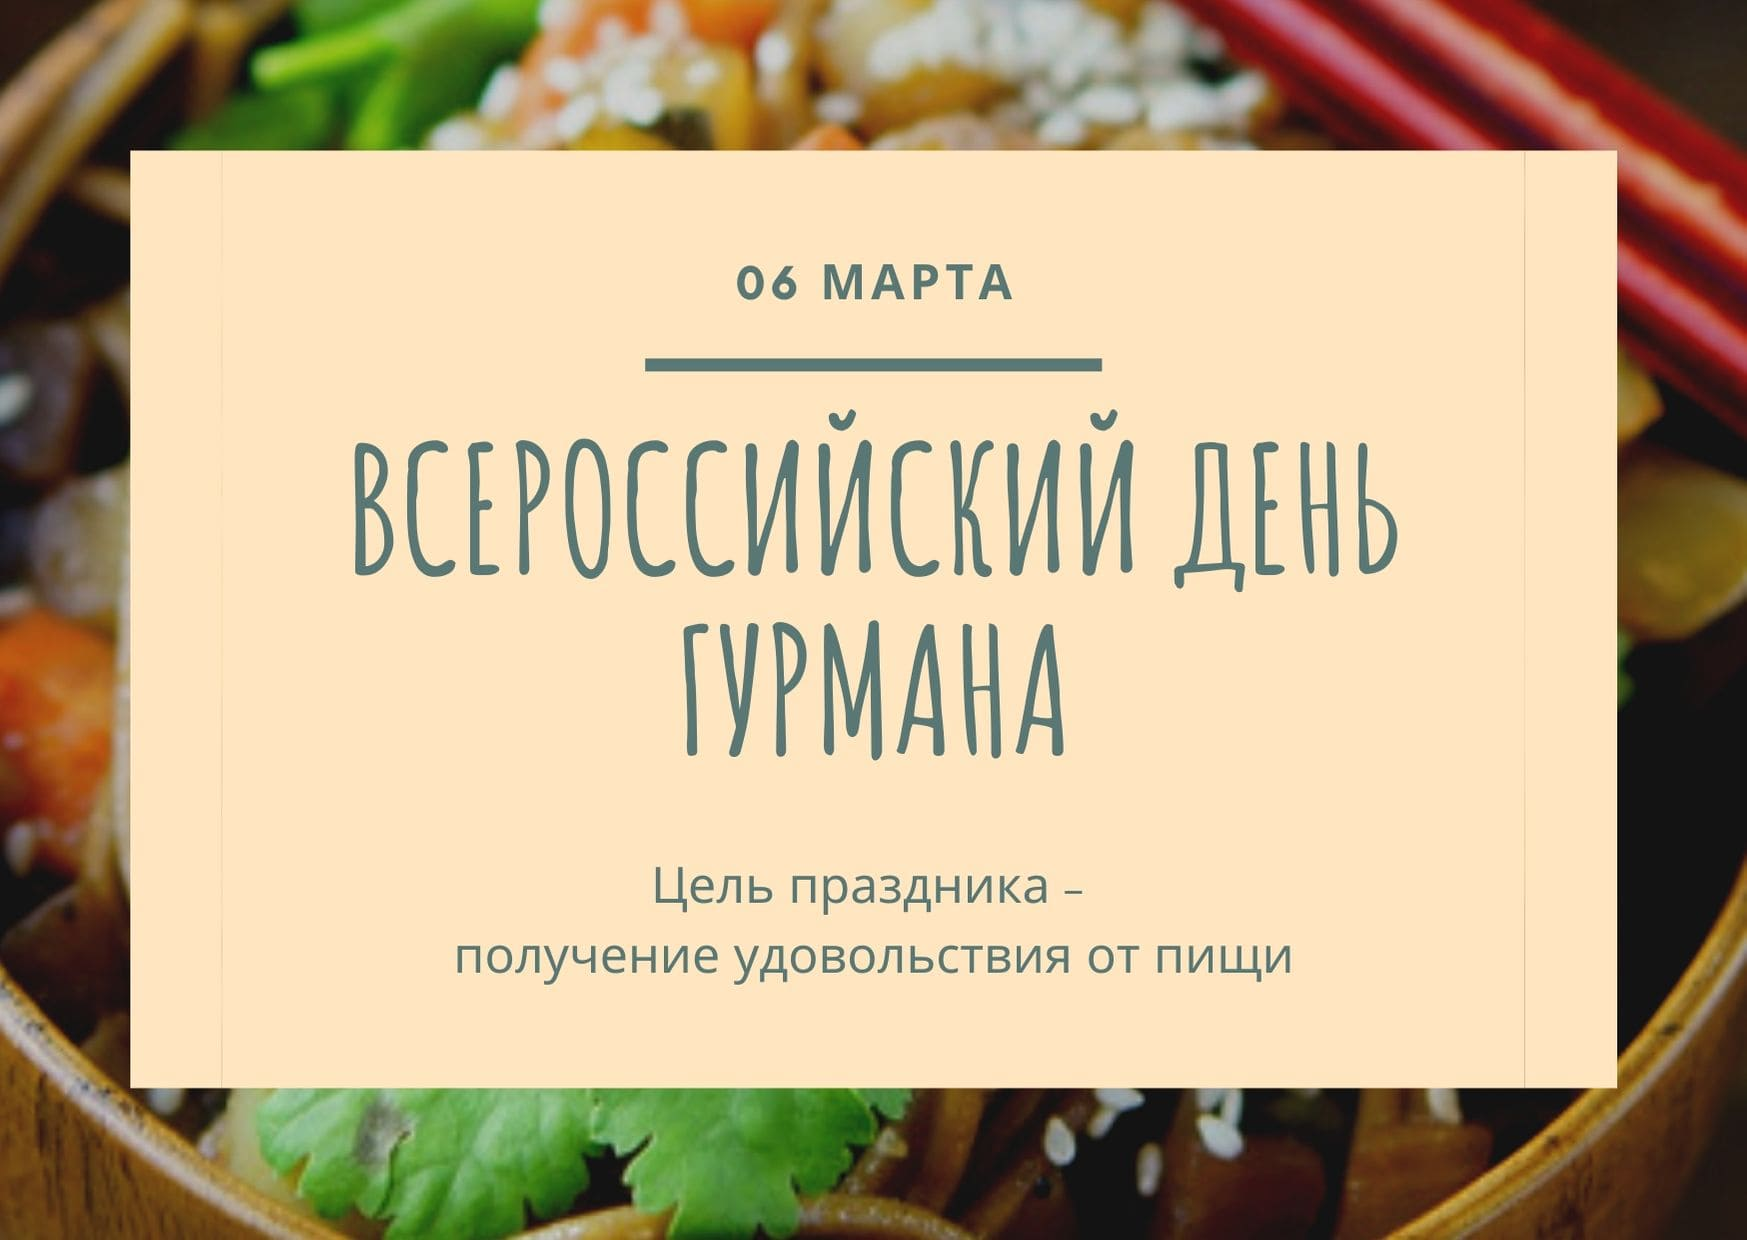 Всероссийский день гурмана. 6 марта